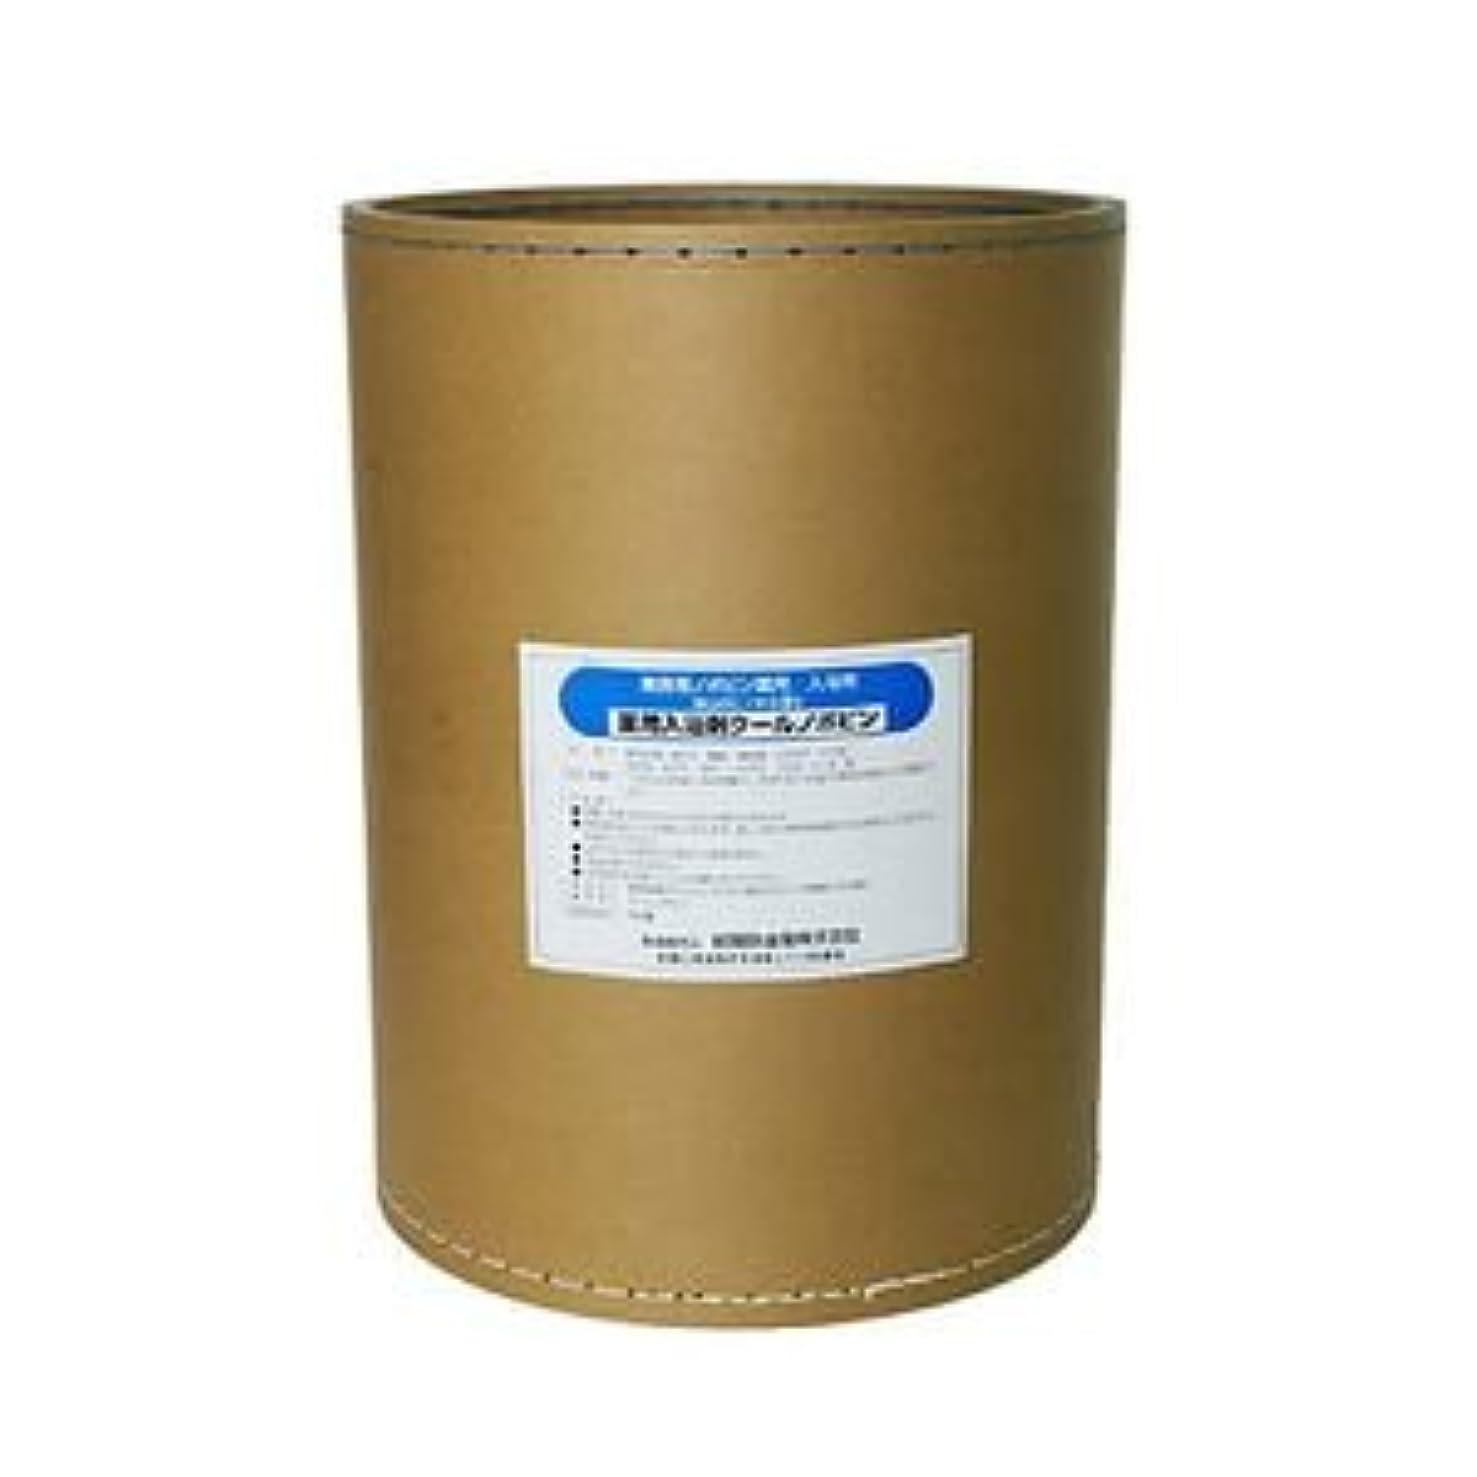 業務用入浴剤 クールノボピン 18kg